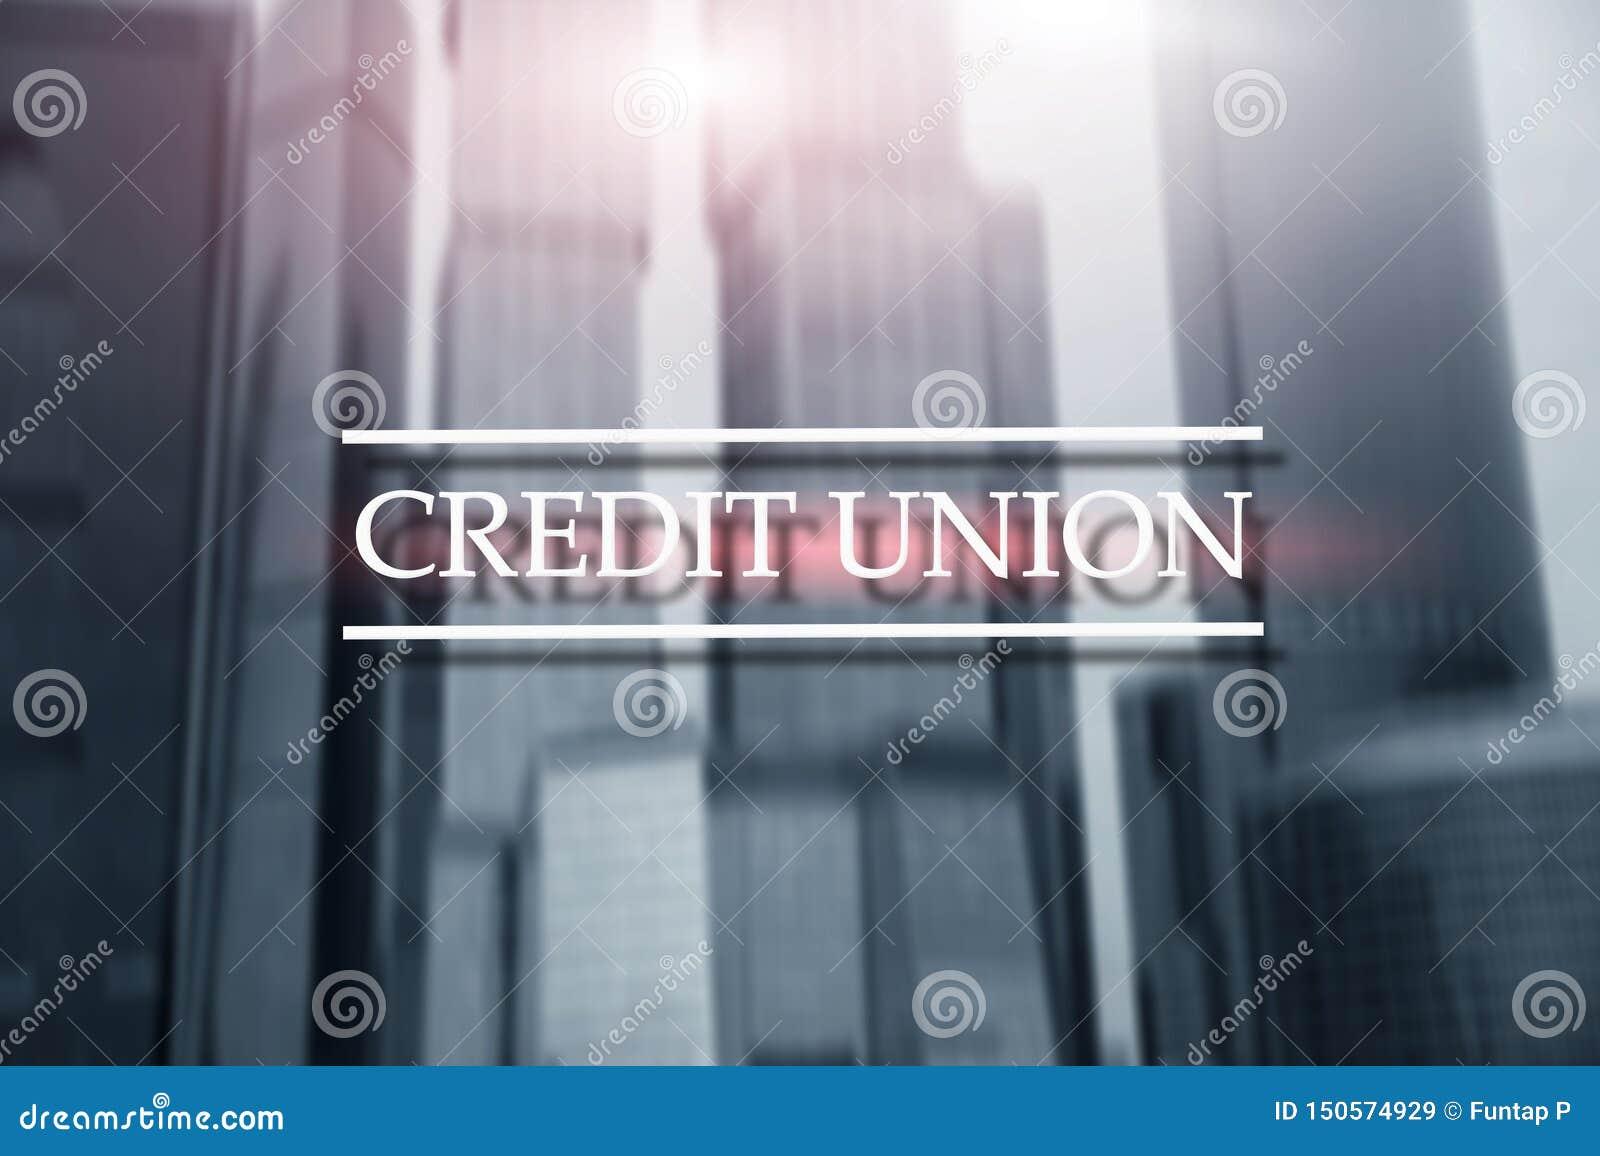 как устанавливается лимит по кредитной карте сбербанка